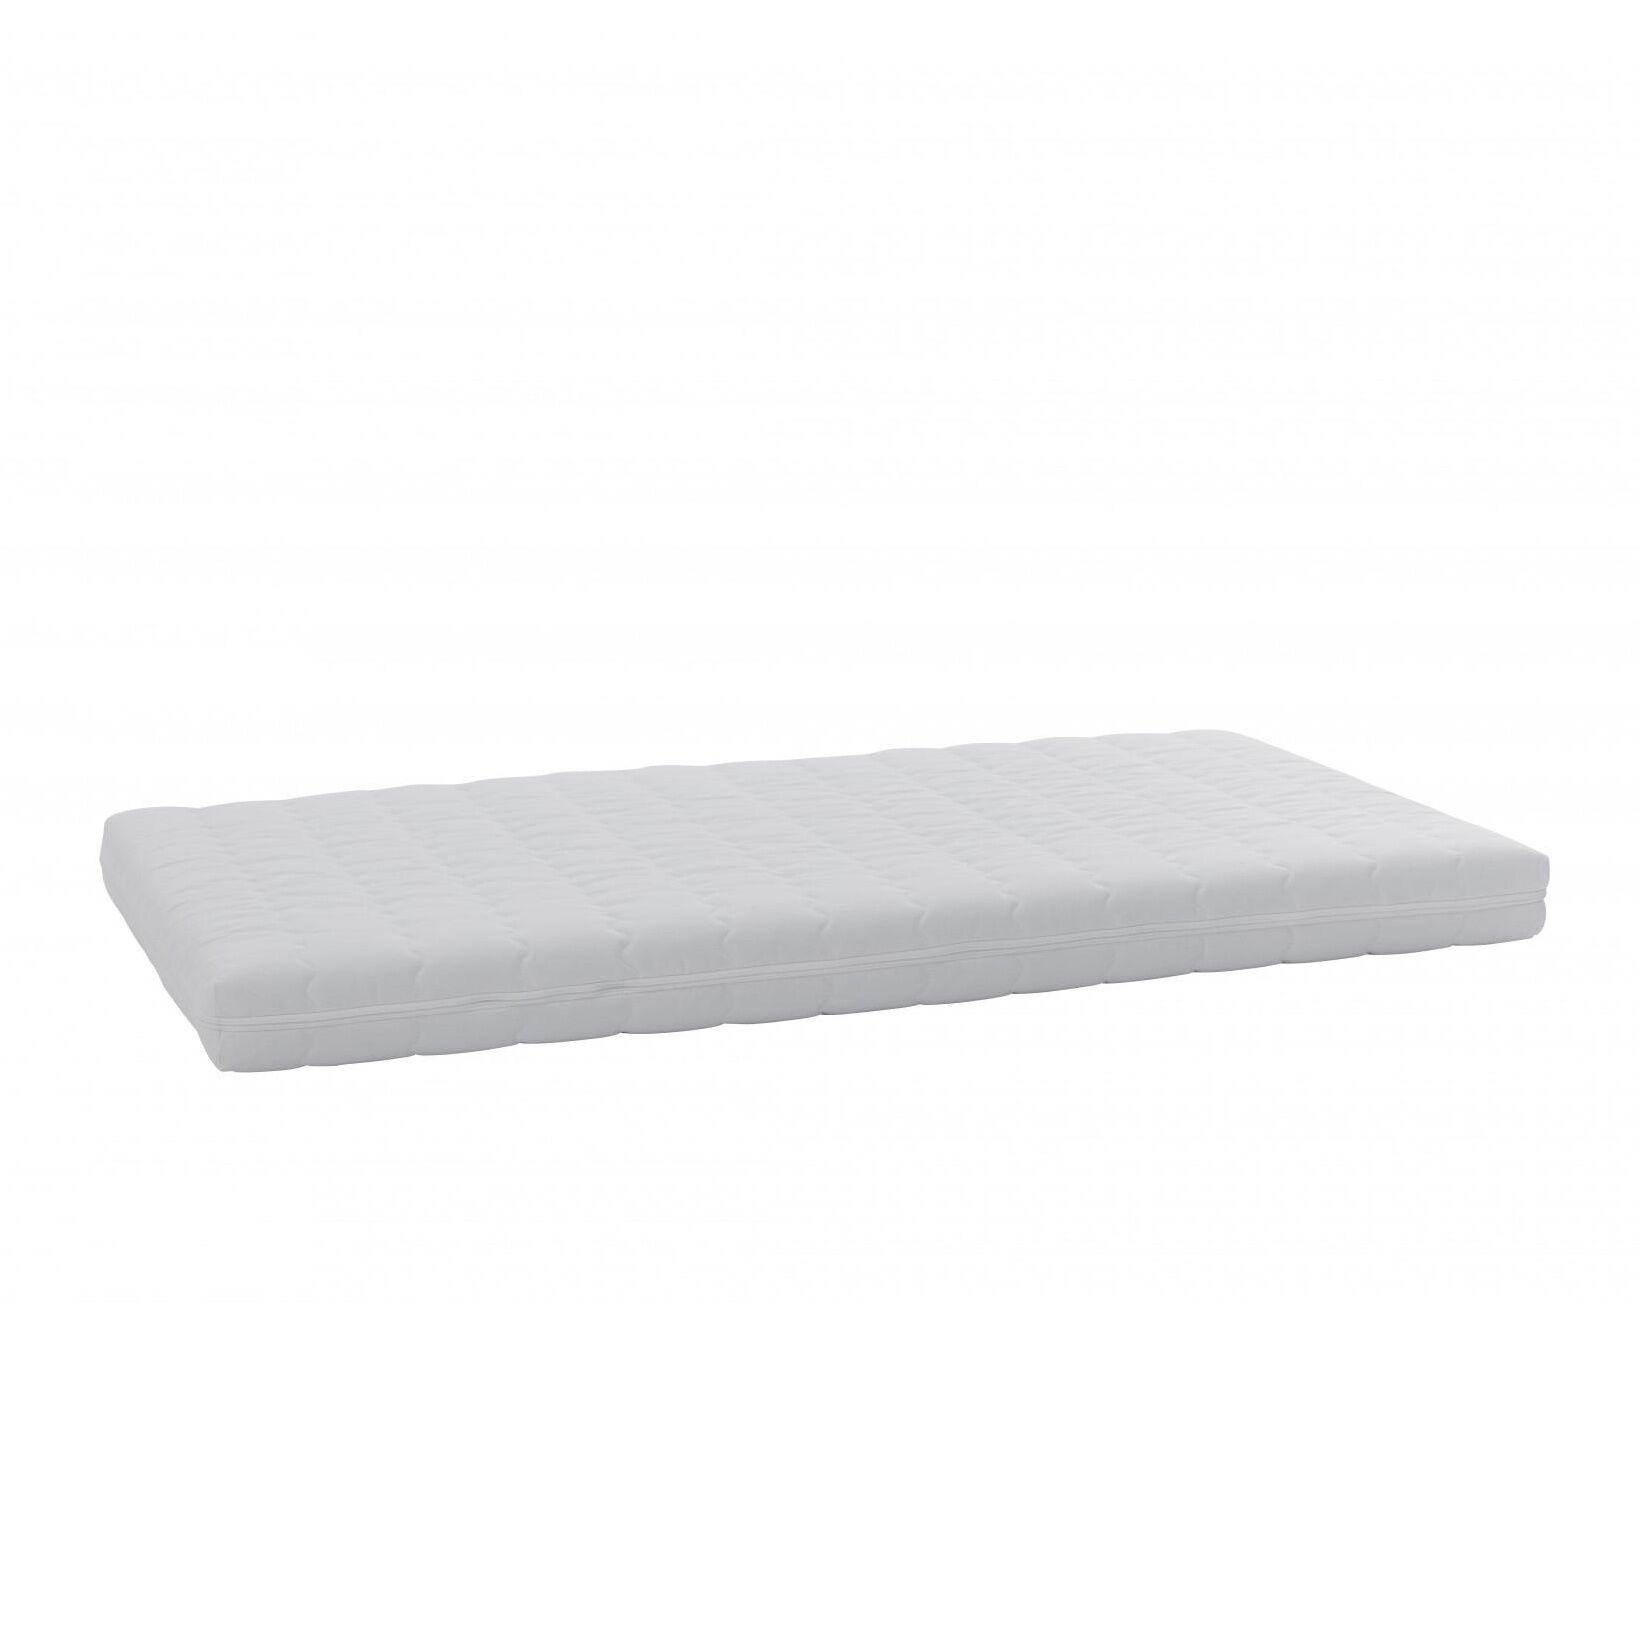 Müller Small Living Matelas de couchette empilable pour enfants 70x140 - blanc/lavable à 60°C/H 10cm/degré de dureté H2 medium/mousse confort/housse en coton